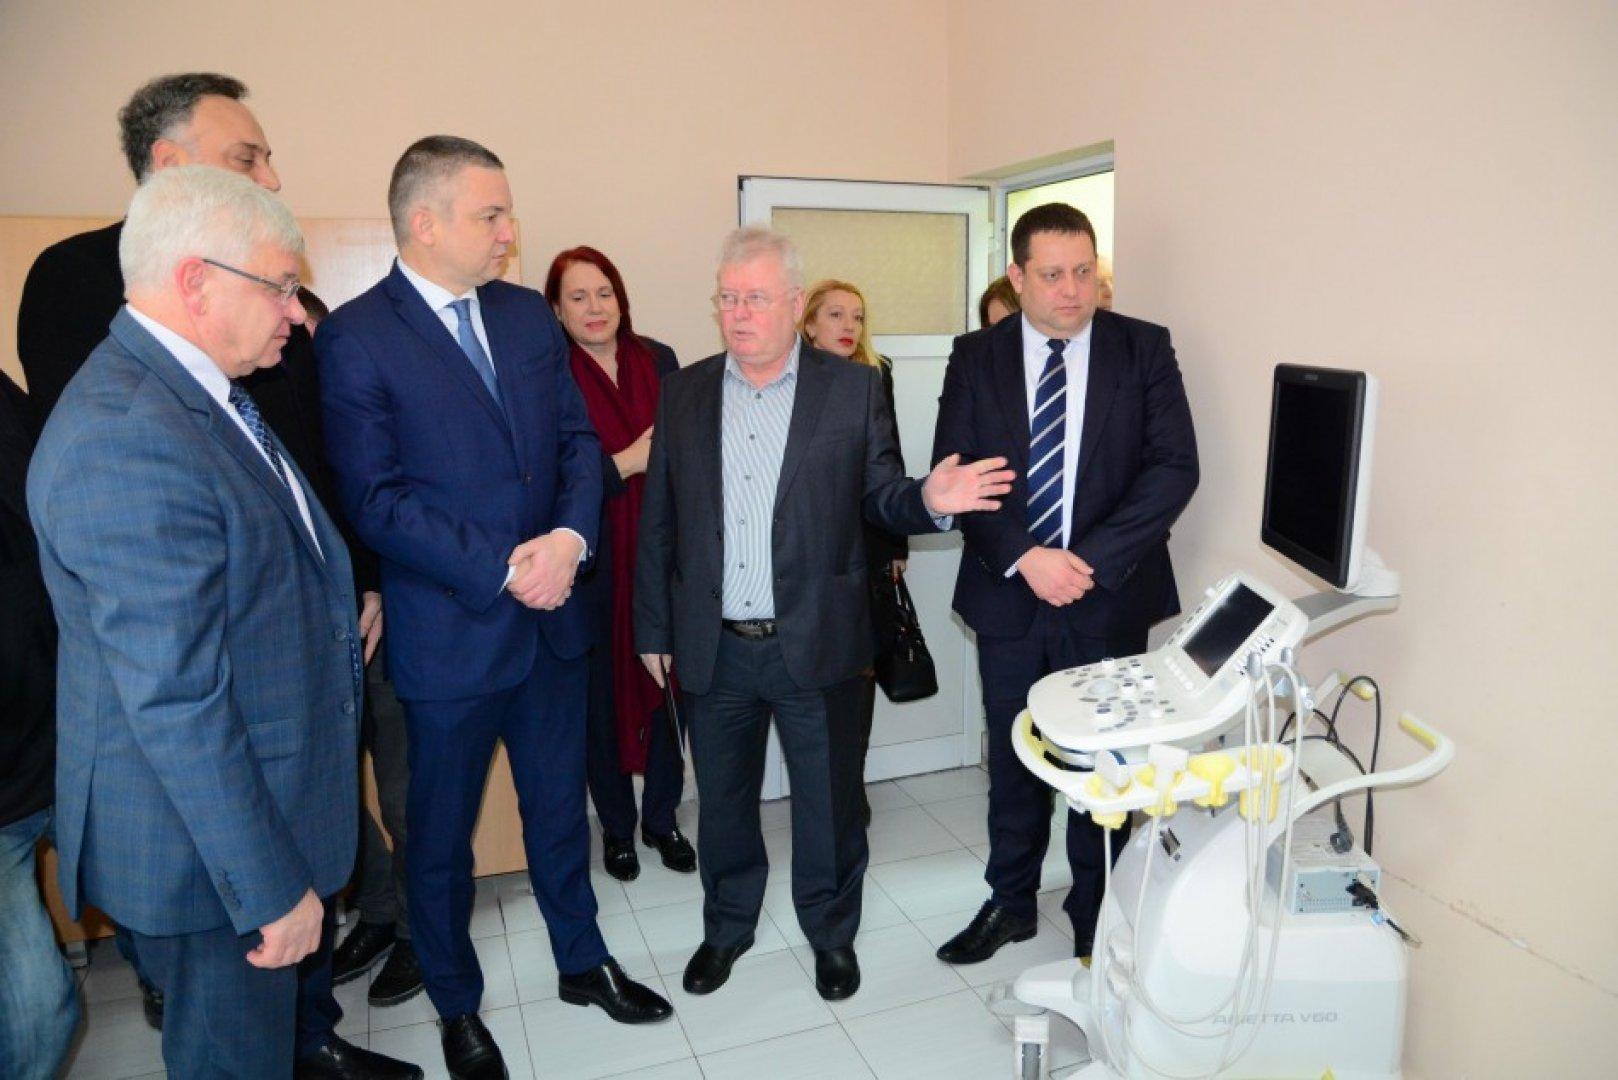 Управителят на болницата проф. Георги Кобаков показа новата апаратура. Снимки Община Варна